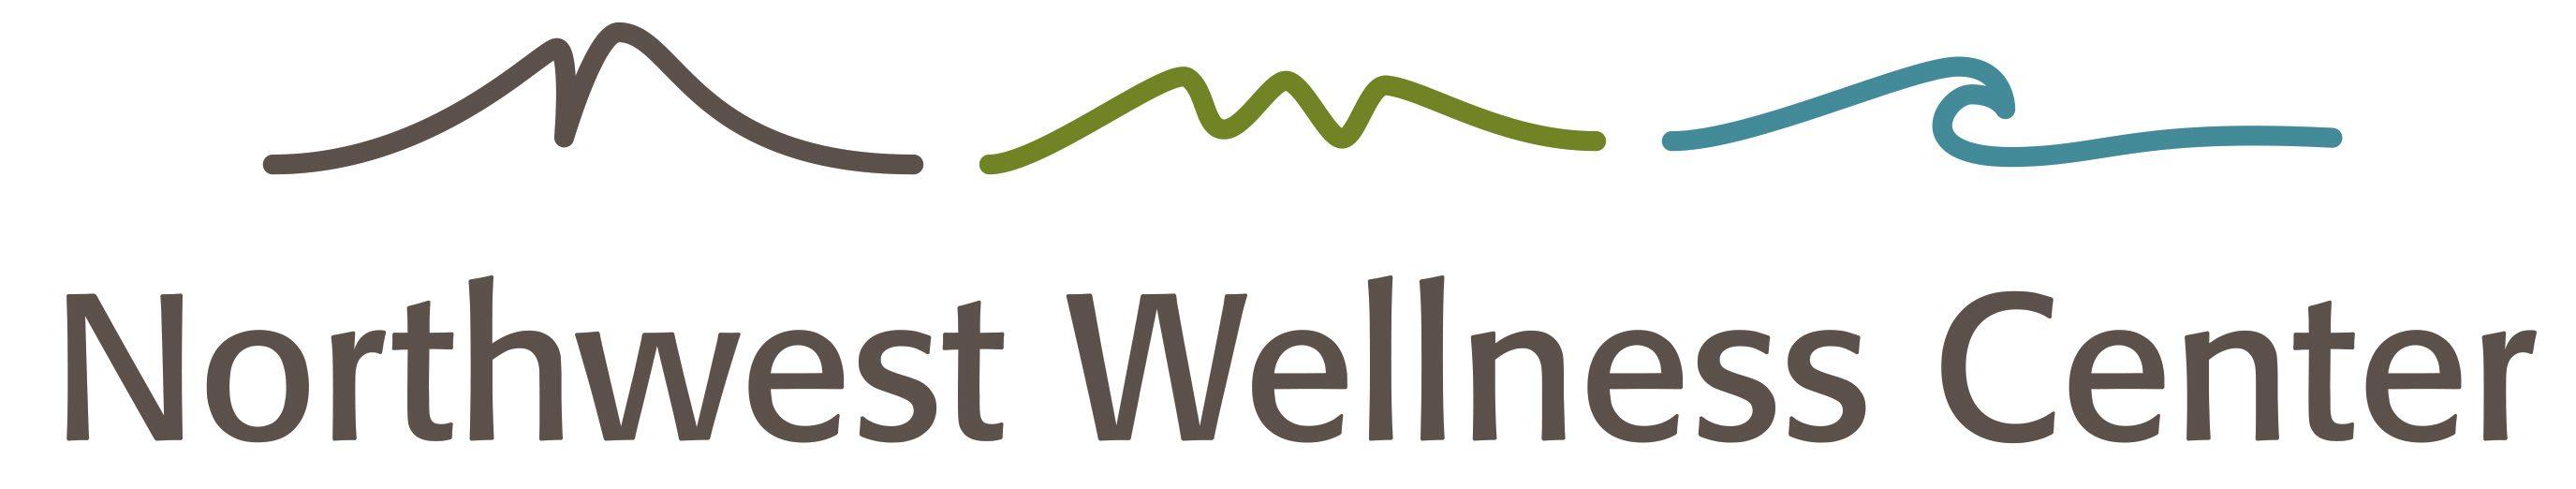 Northwest Wellness Center